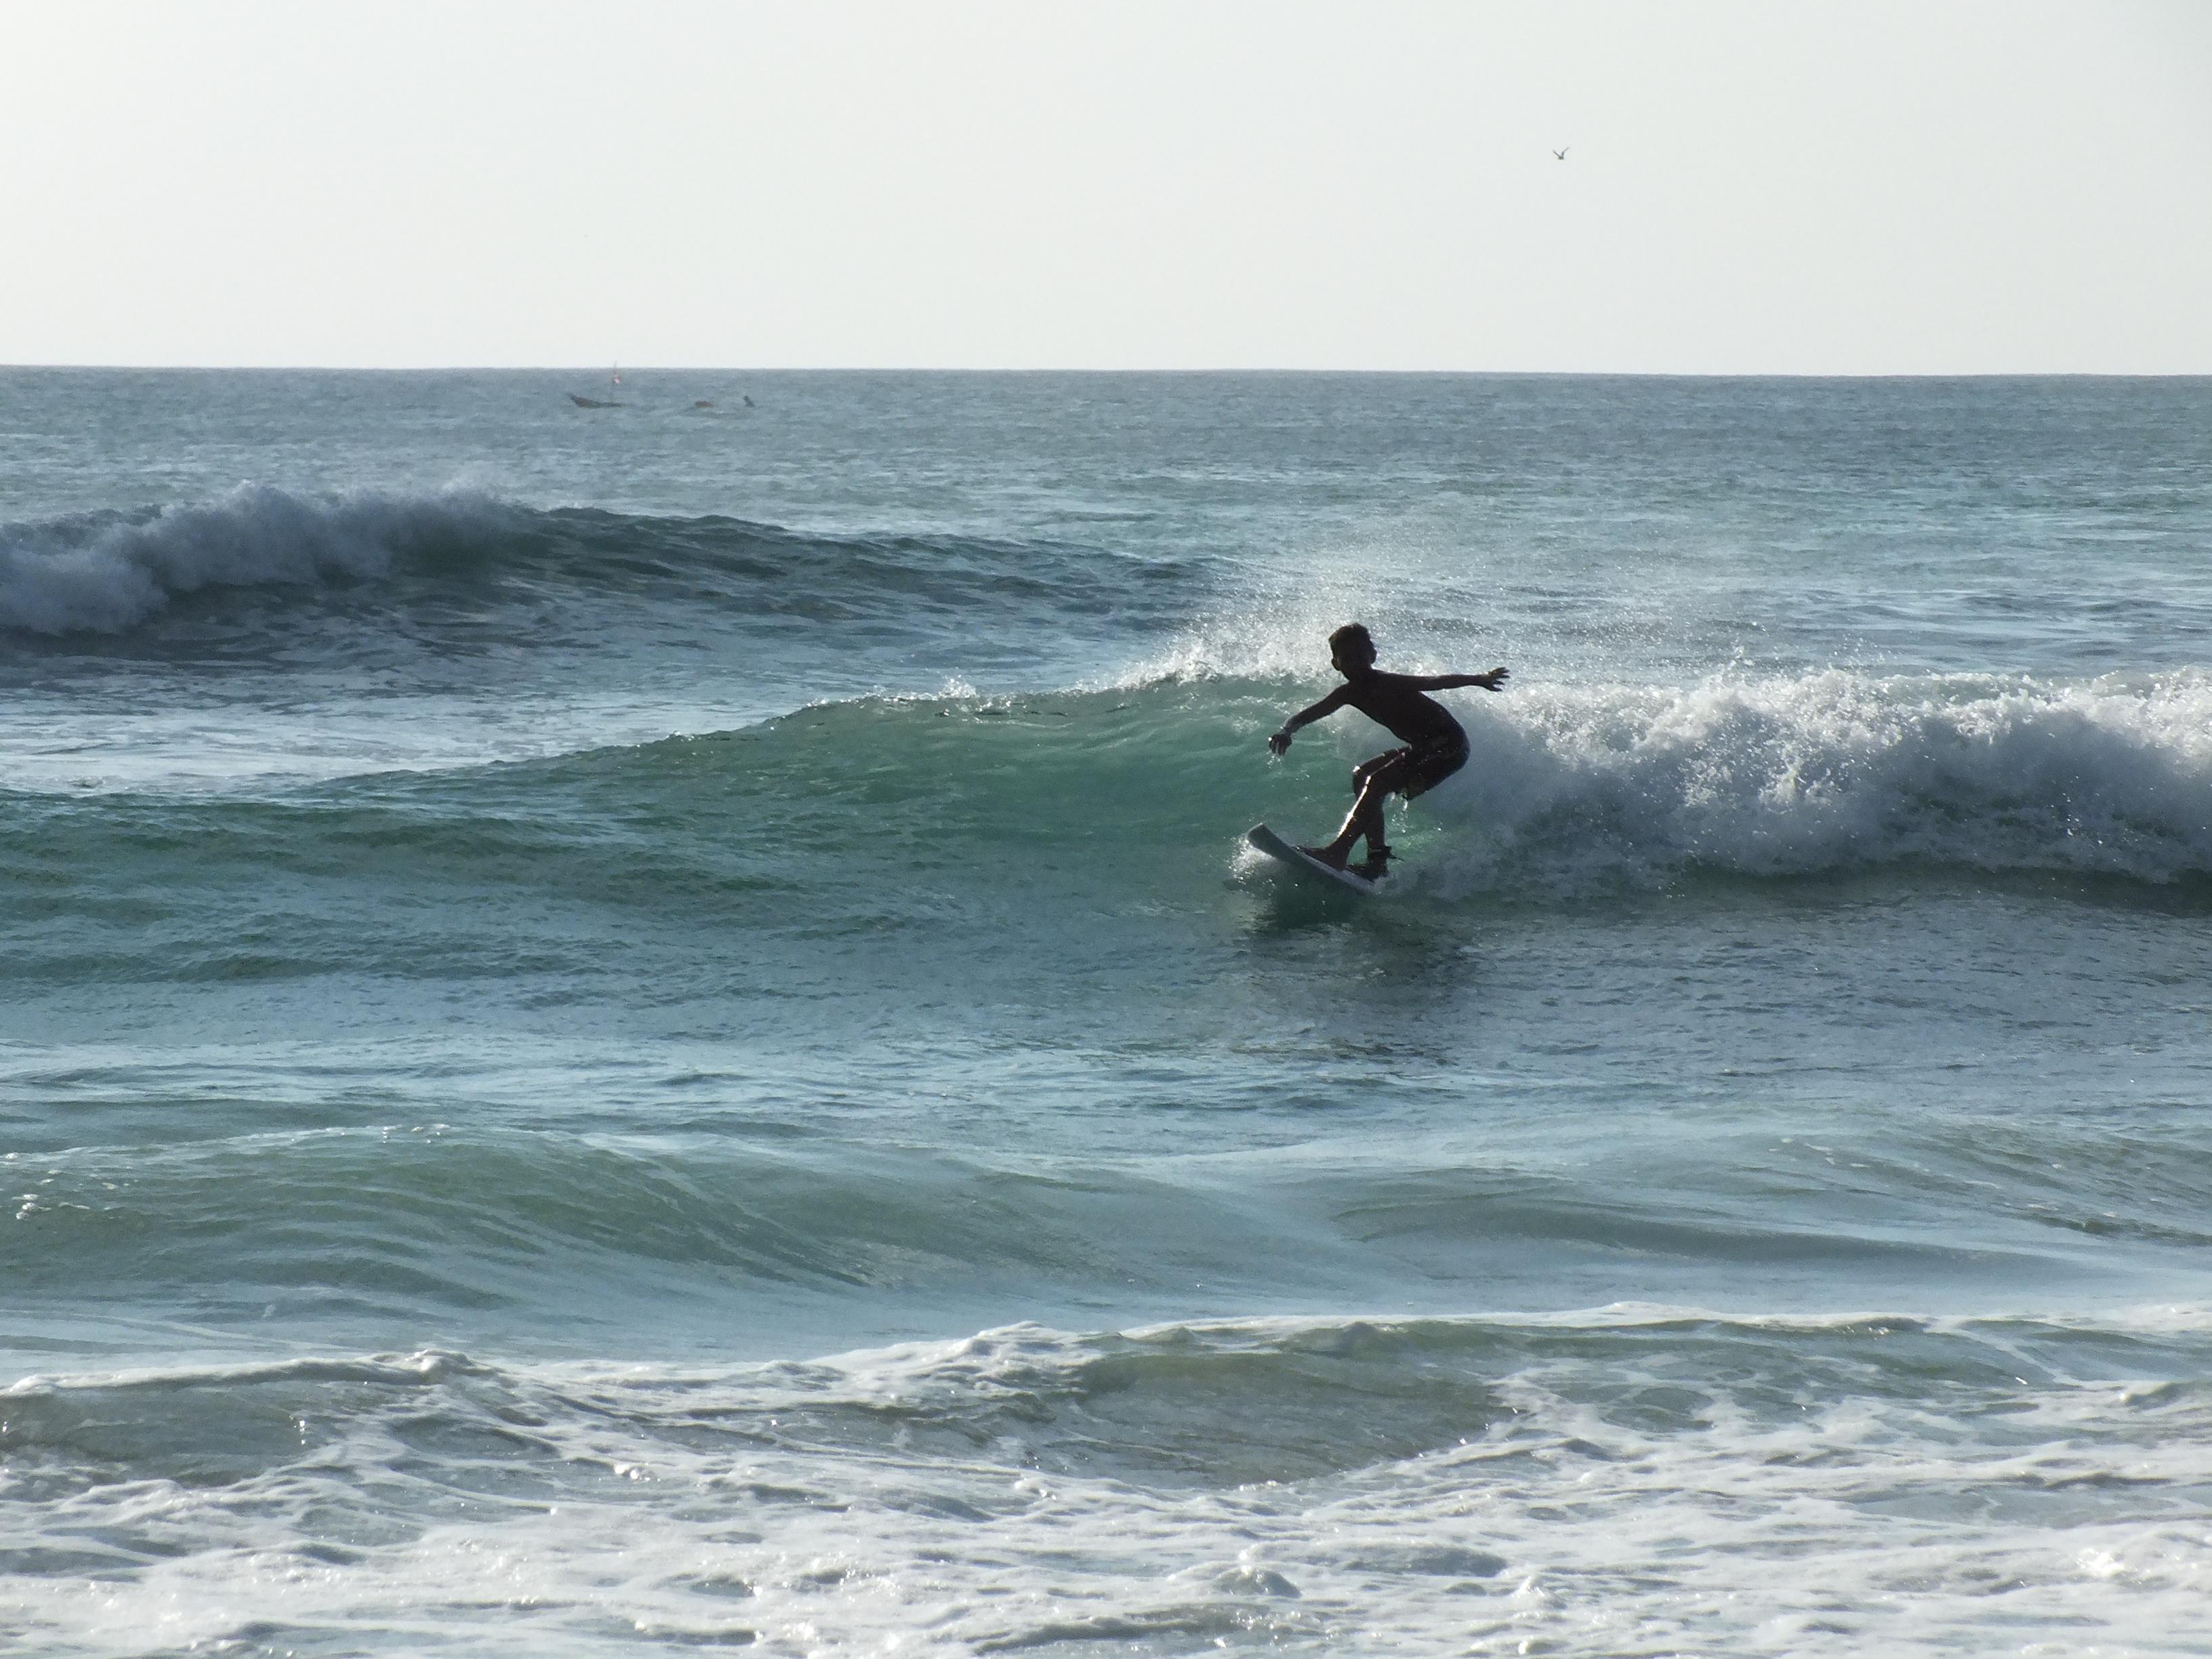 波が小さな日は子供の練習にも最適